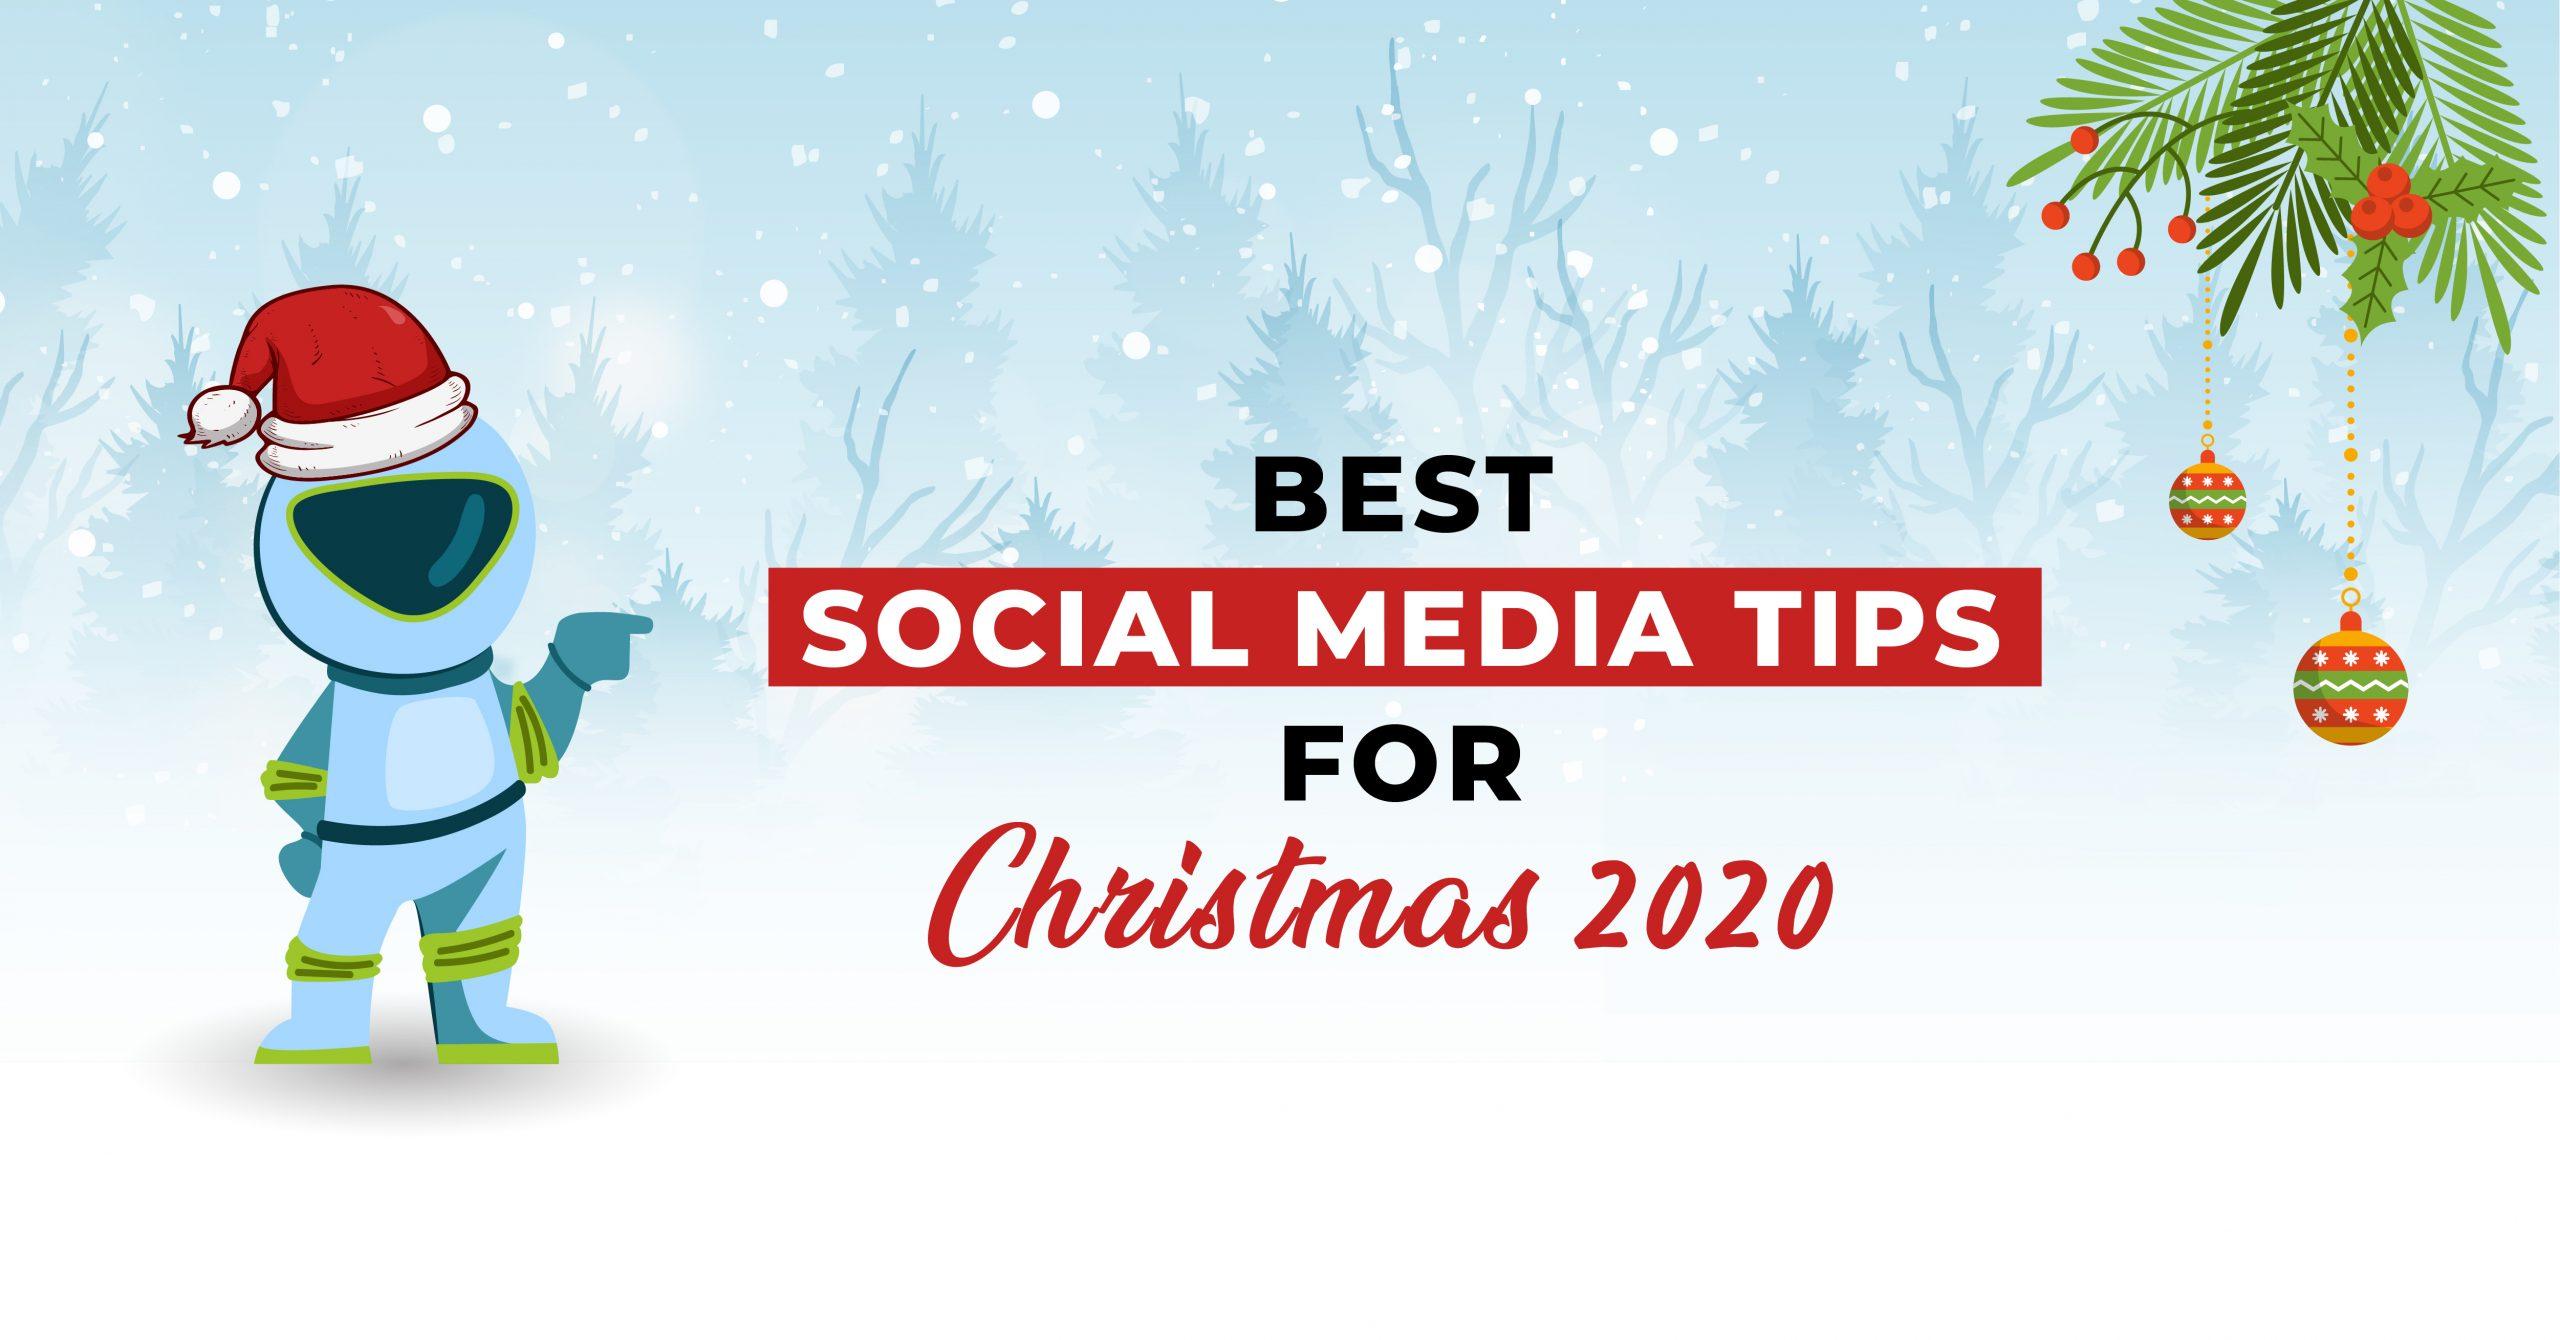 Best Social Media Tips For Christmas 2020